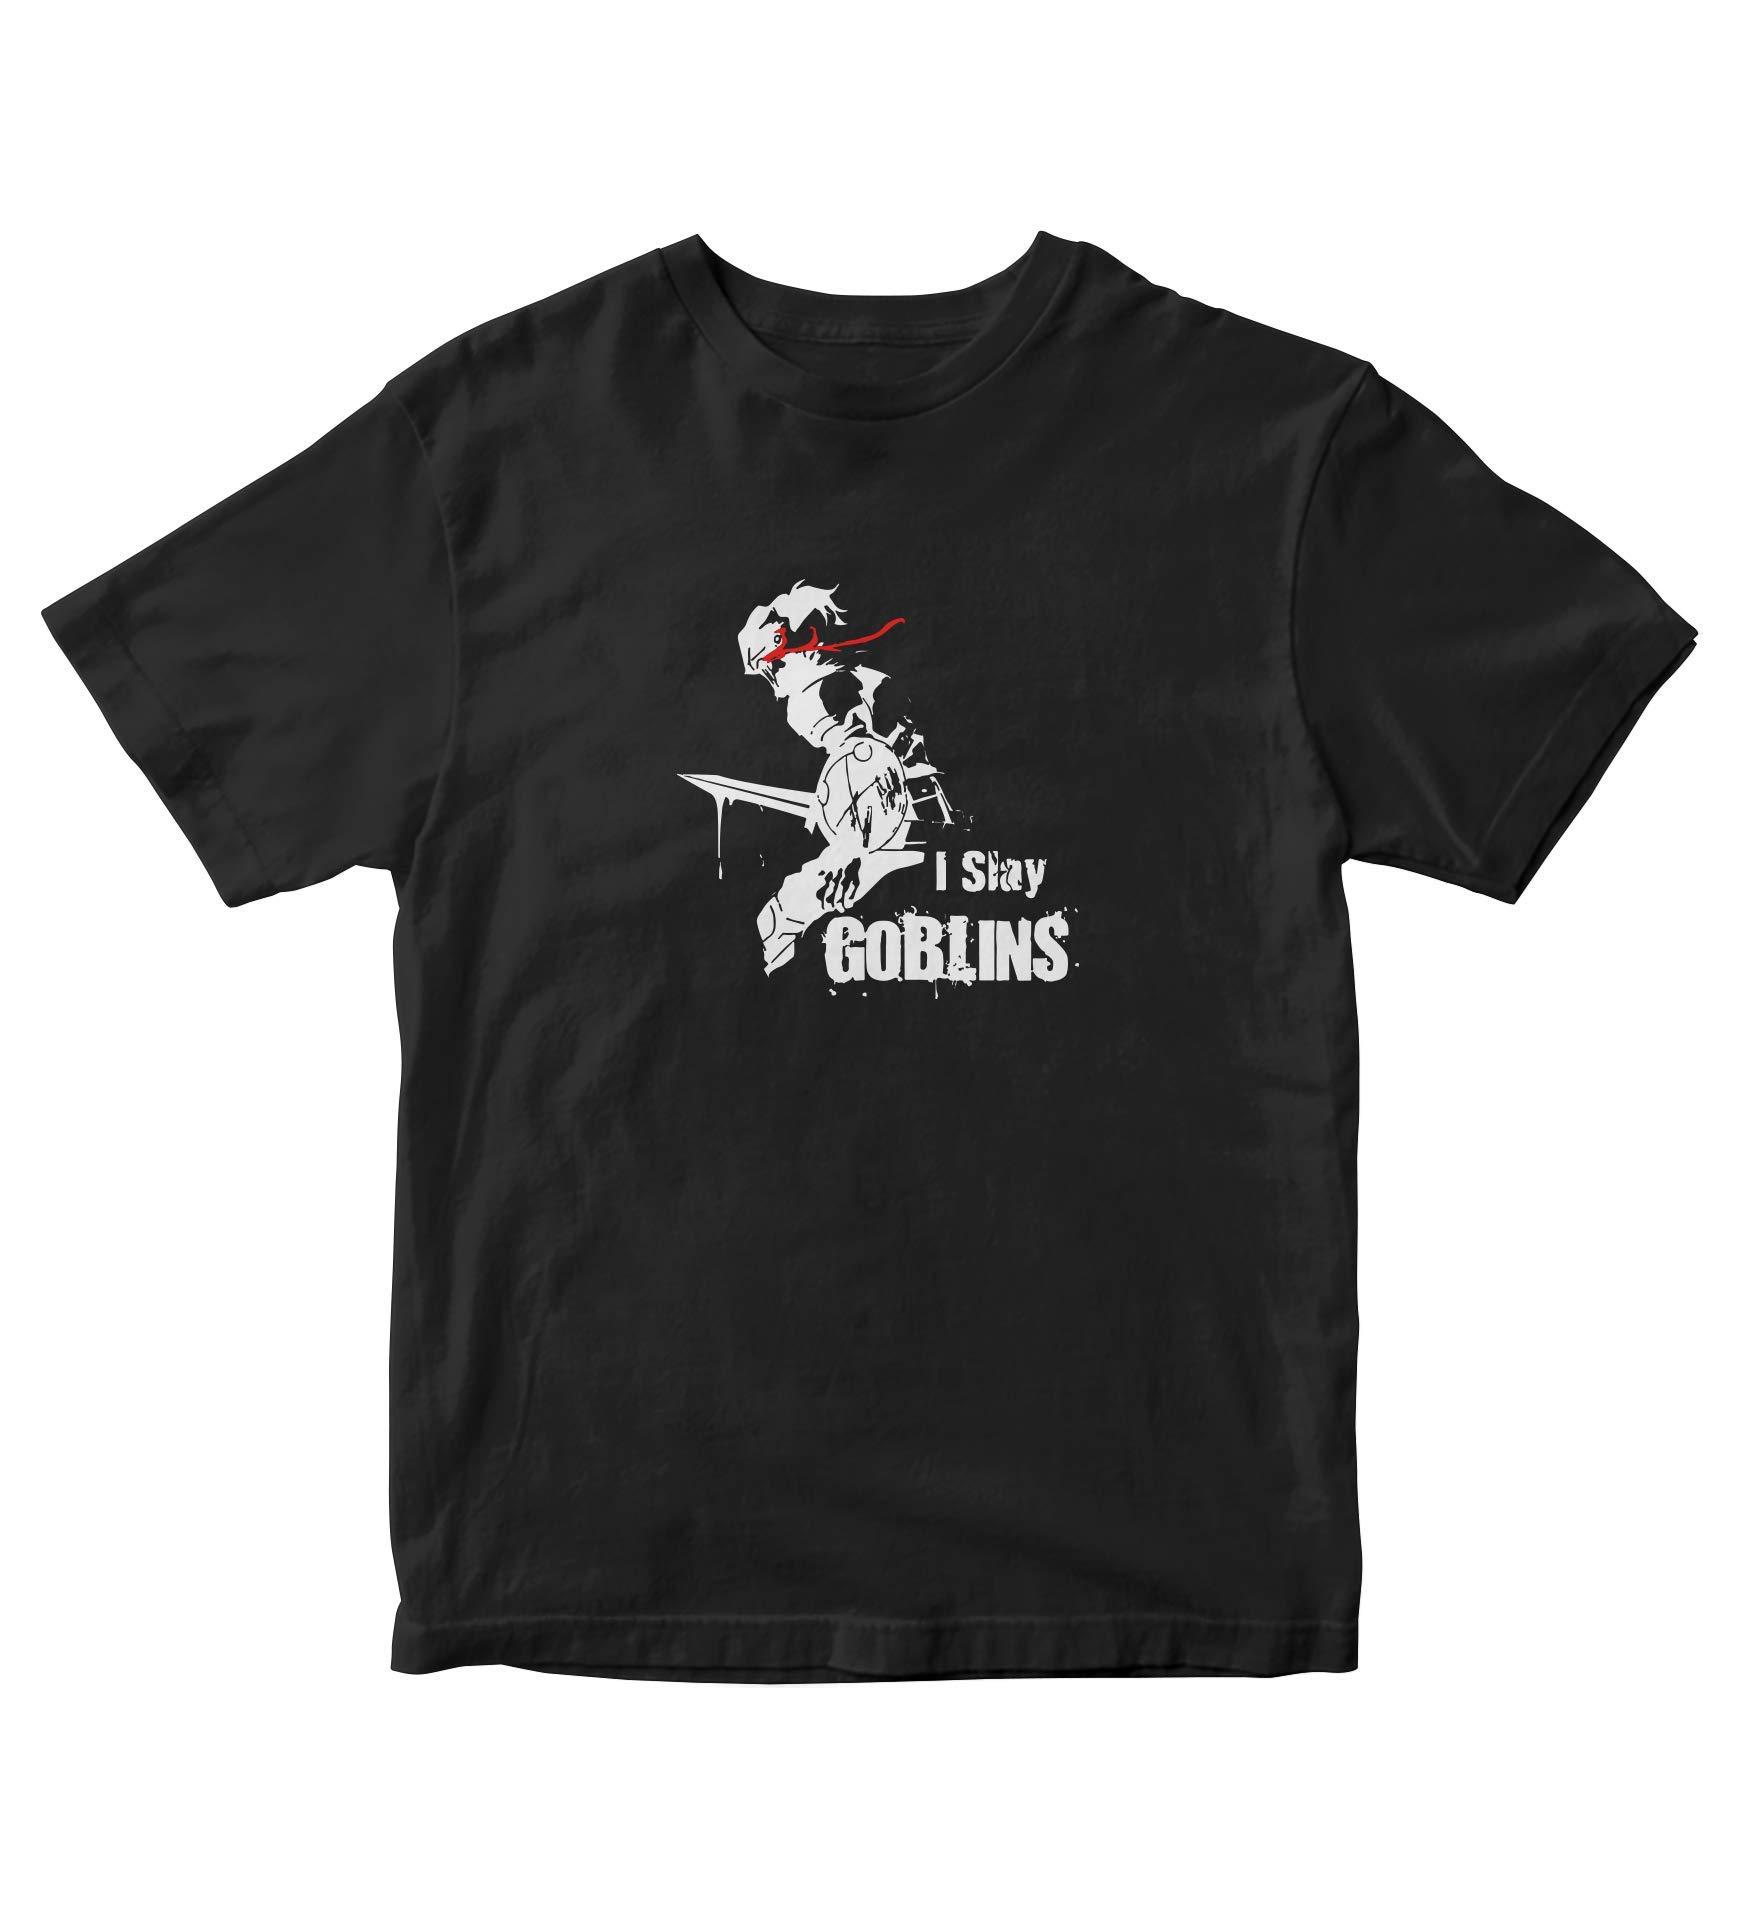 I Slay Goblins Goblin Slayer T Shirt Adult S Anime Manga A670